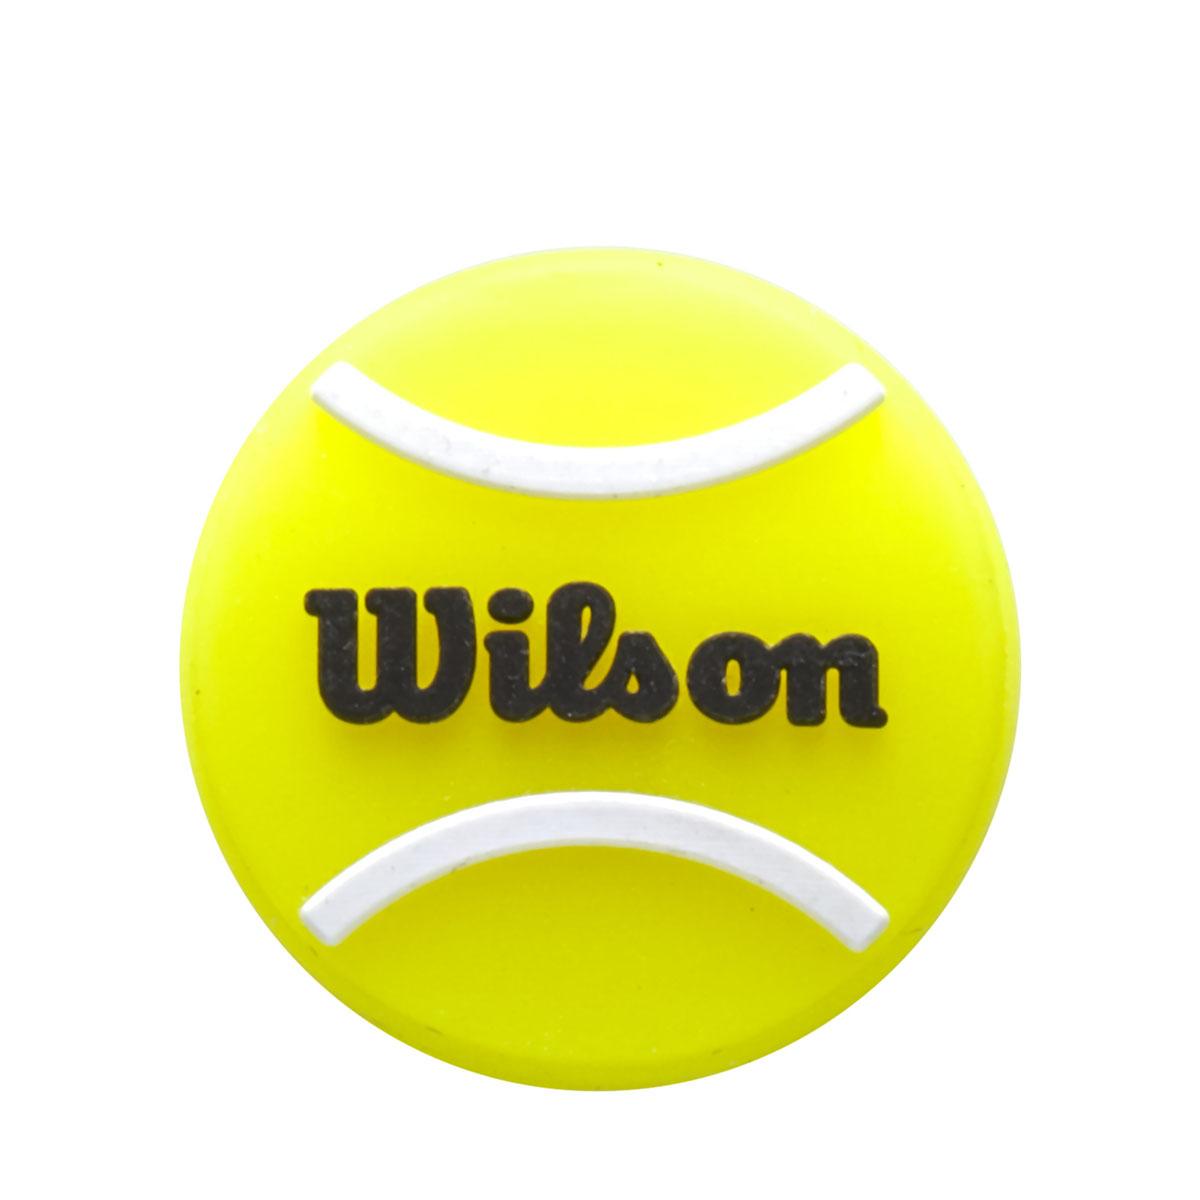 WR8403801_2_RG_Tennis_Ball_Dampener_YE.png.cq5dam.web.2000.2000